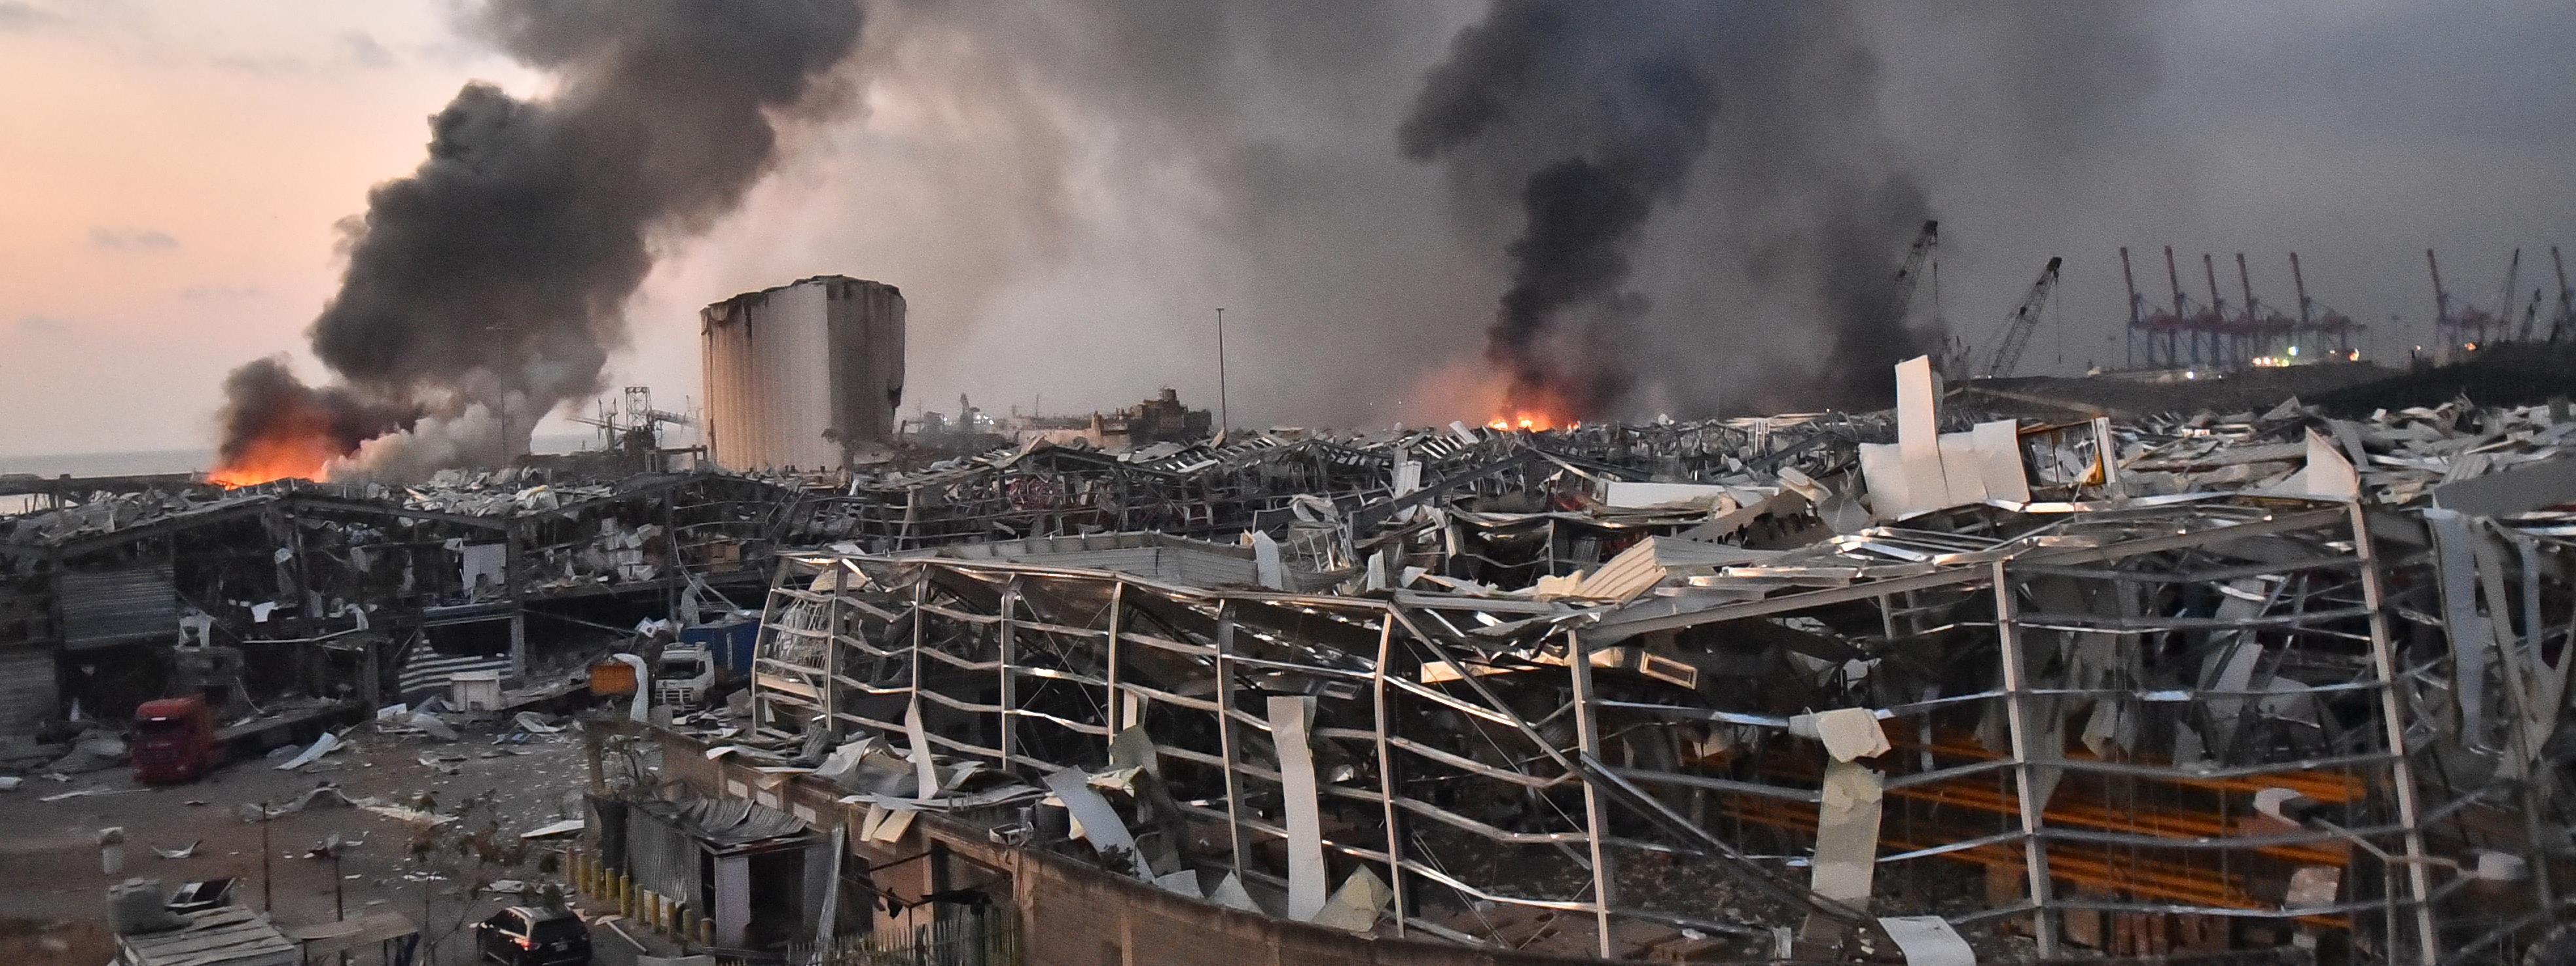 Egy nagyobb földrengés erejével ért fel a bejrúti robbanás